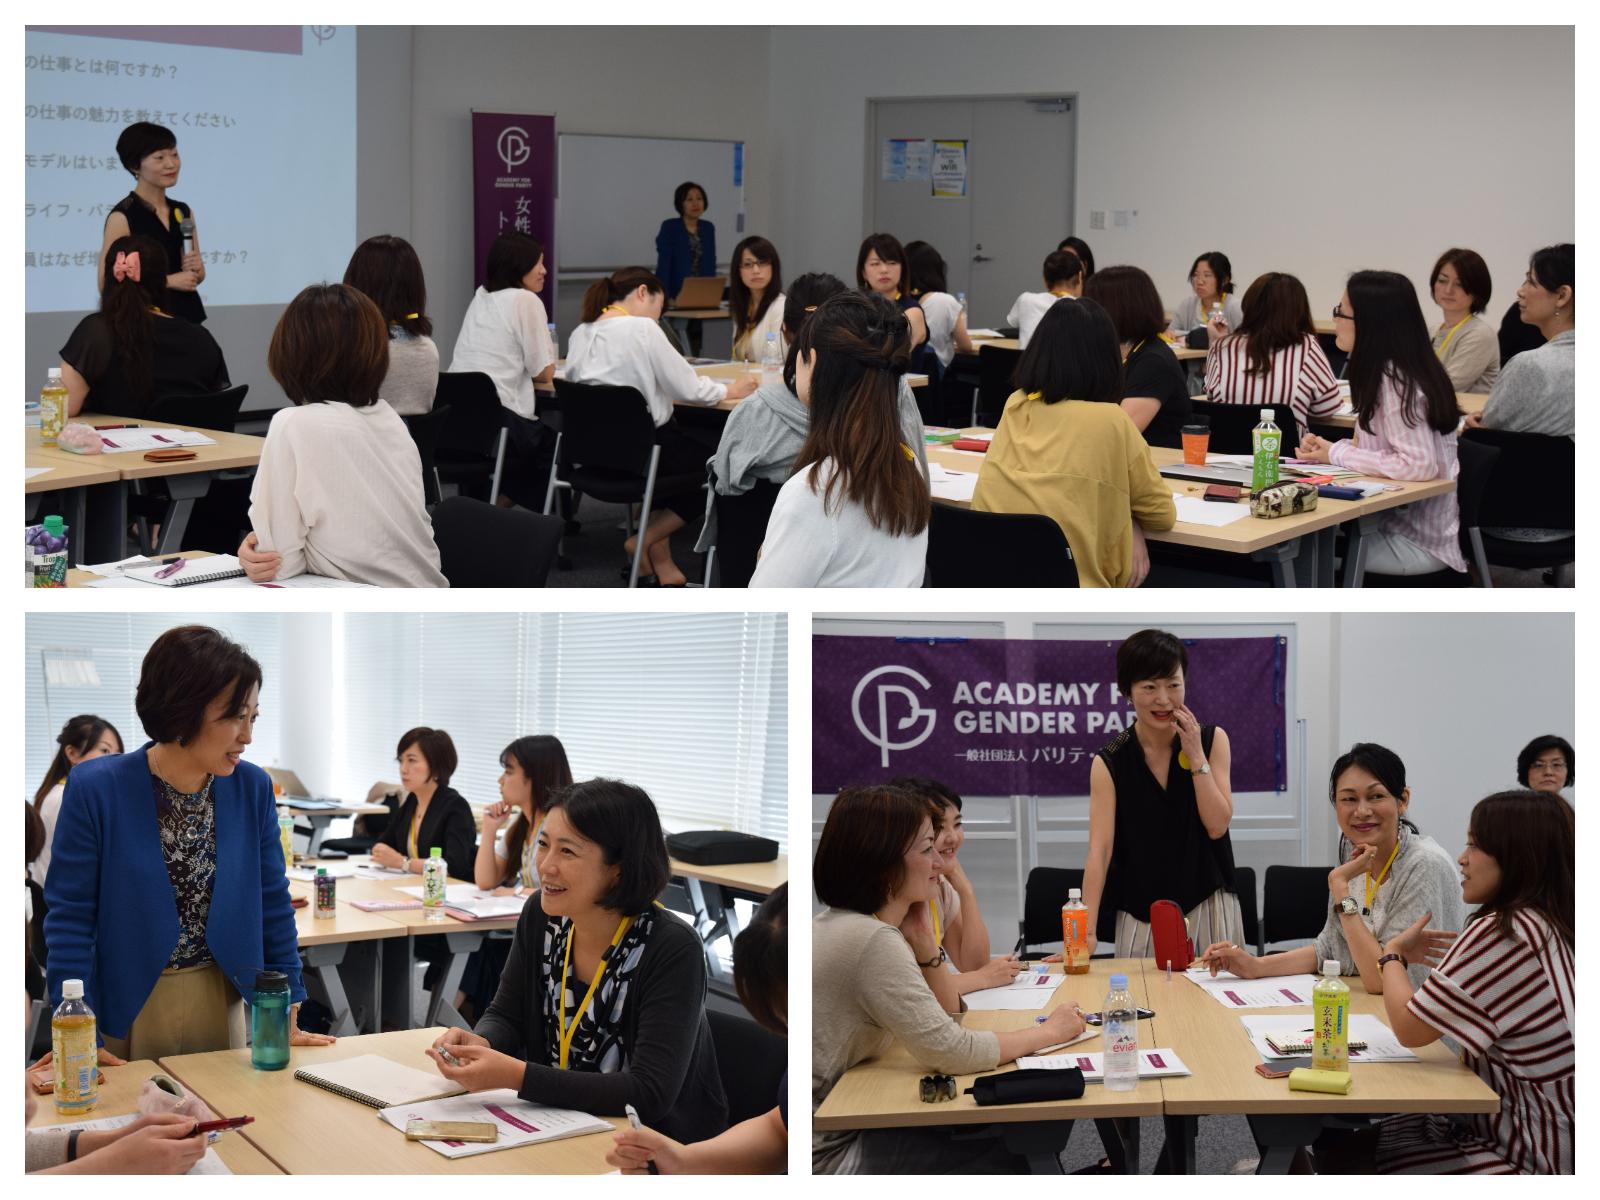 「女性政治リーダー・トレーニング合宿 議員になって社会を変えよう!」を開催しました。